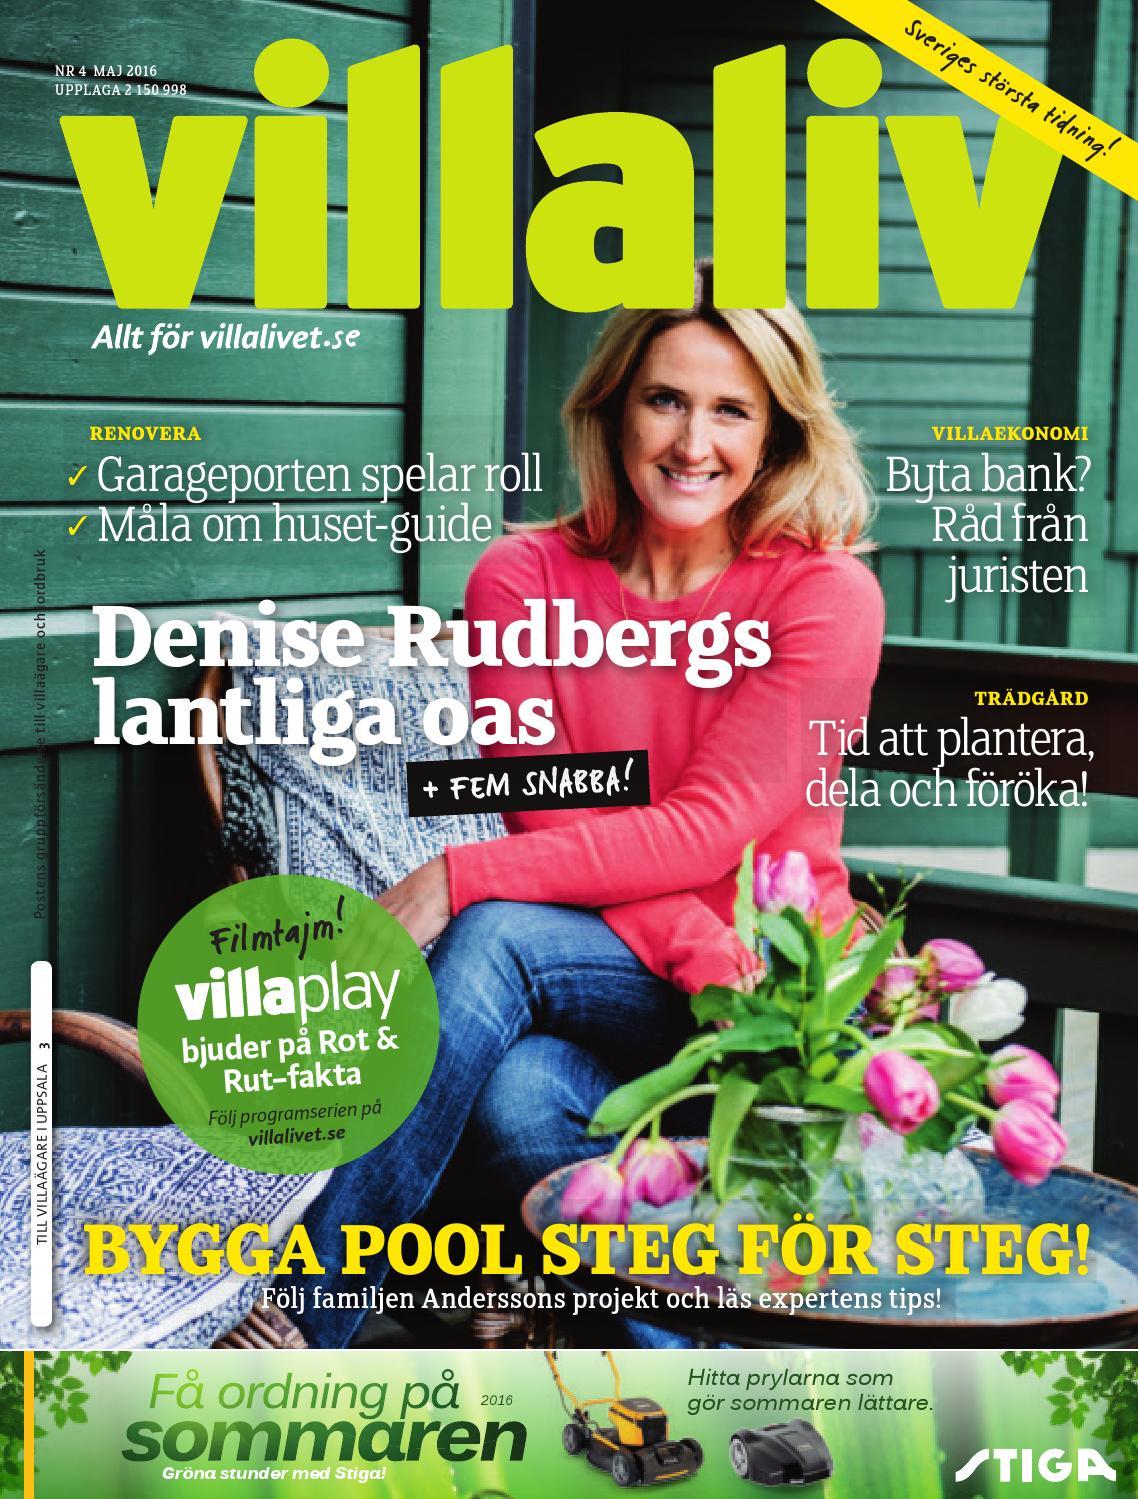 Villaliv nr 3, 2016 by förlaget villaliv ab   issuu